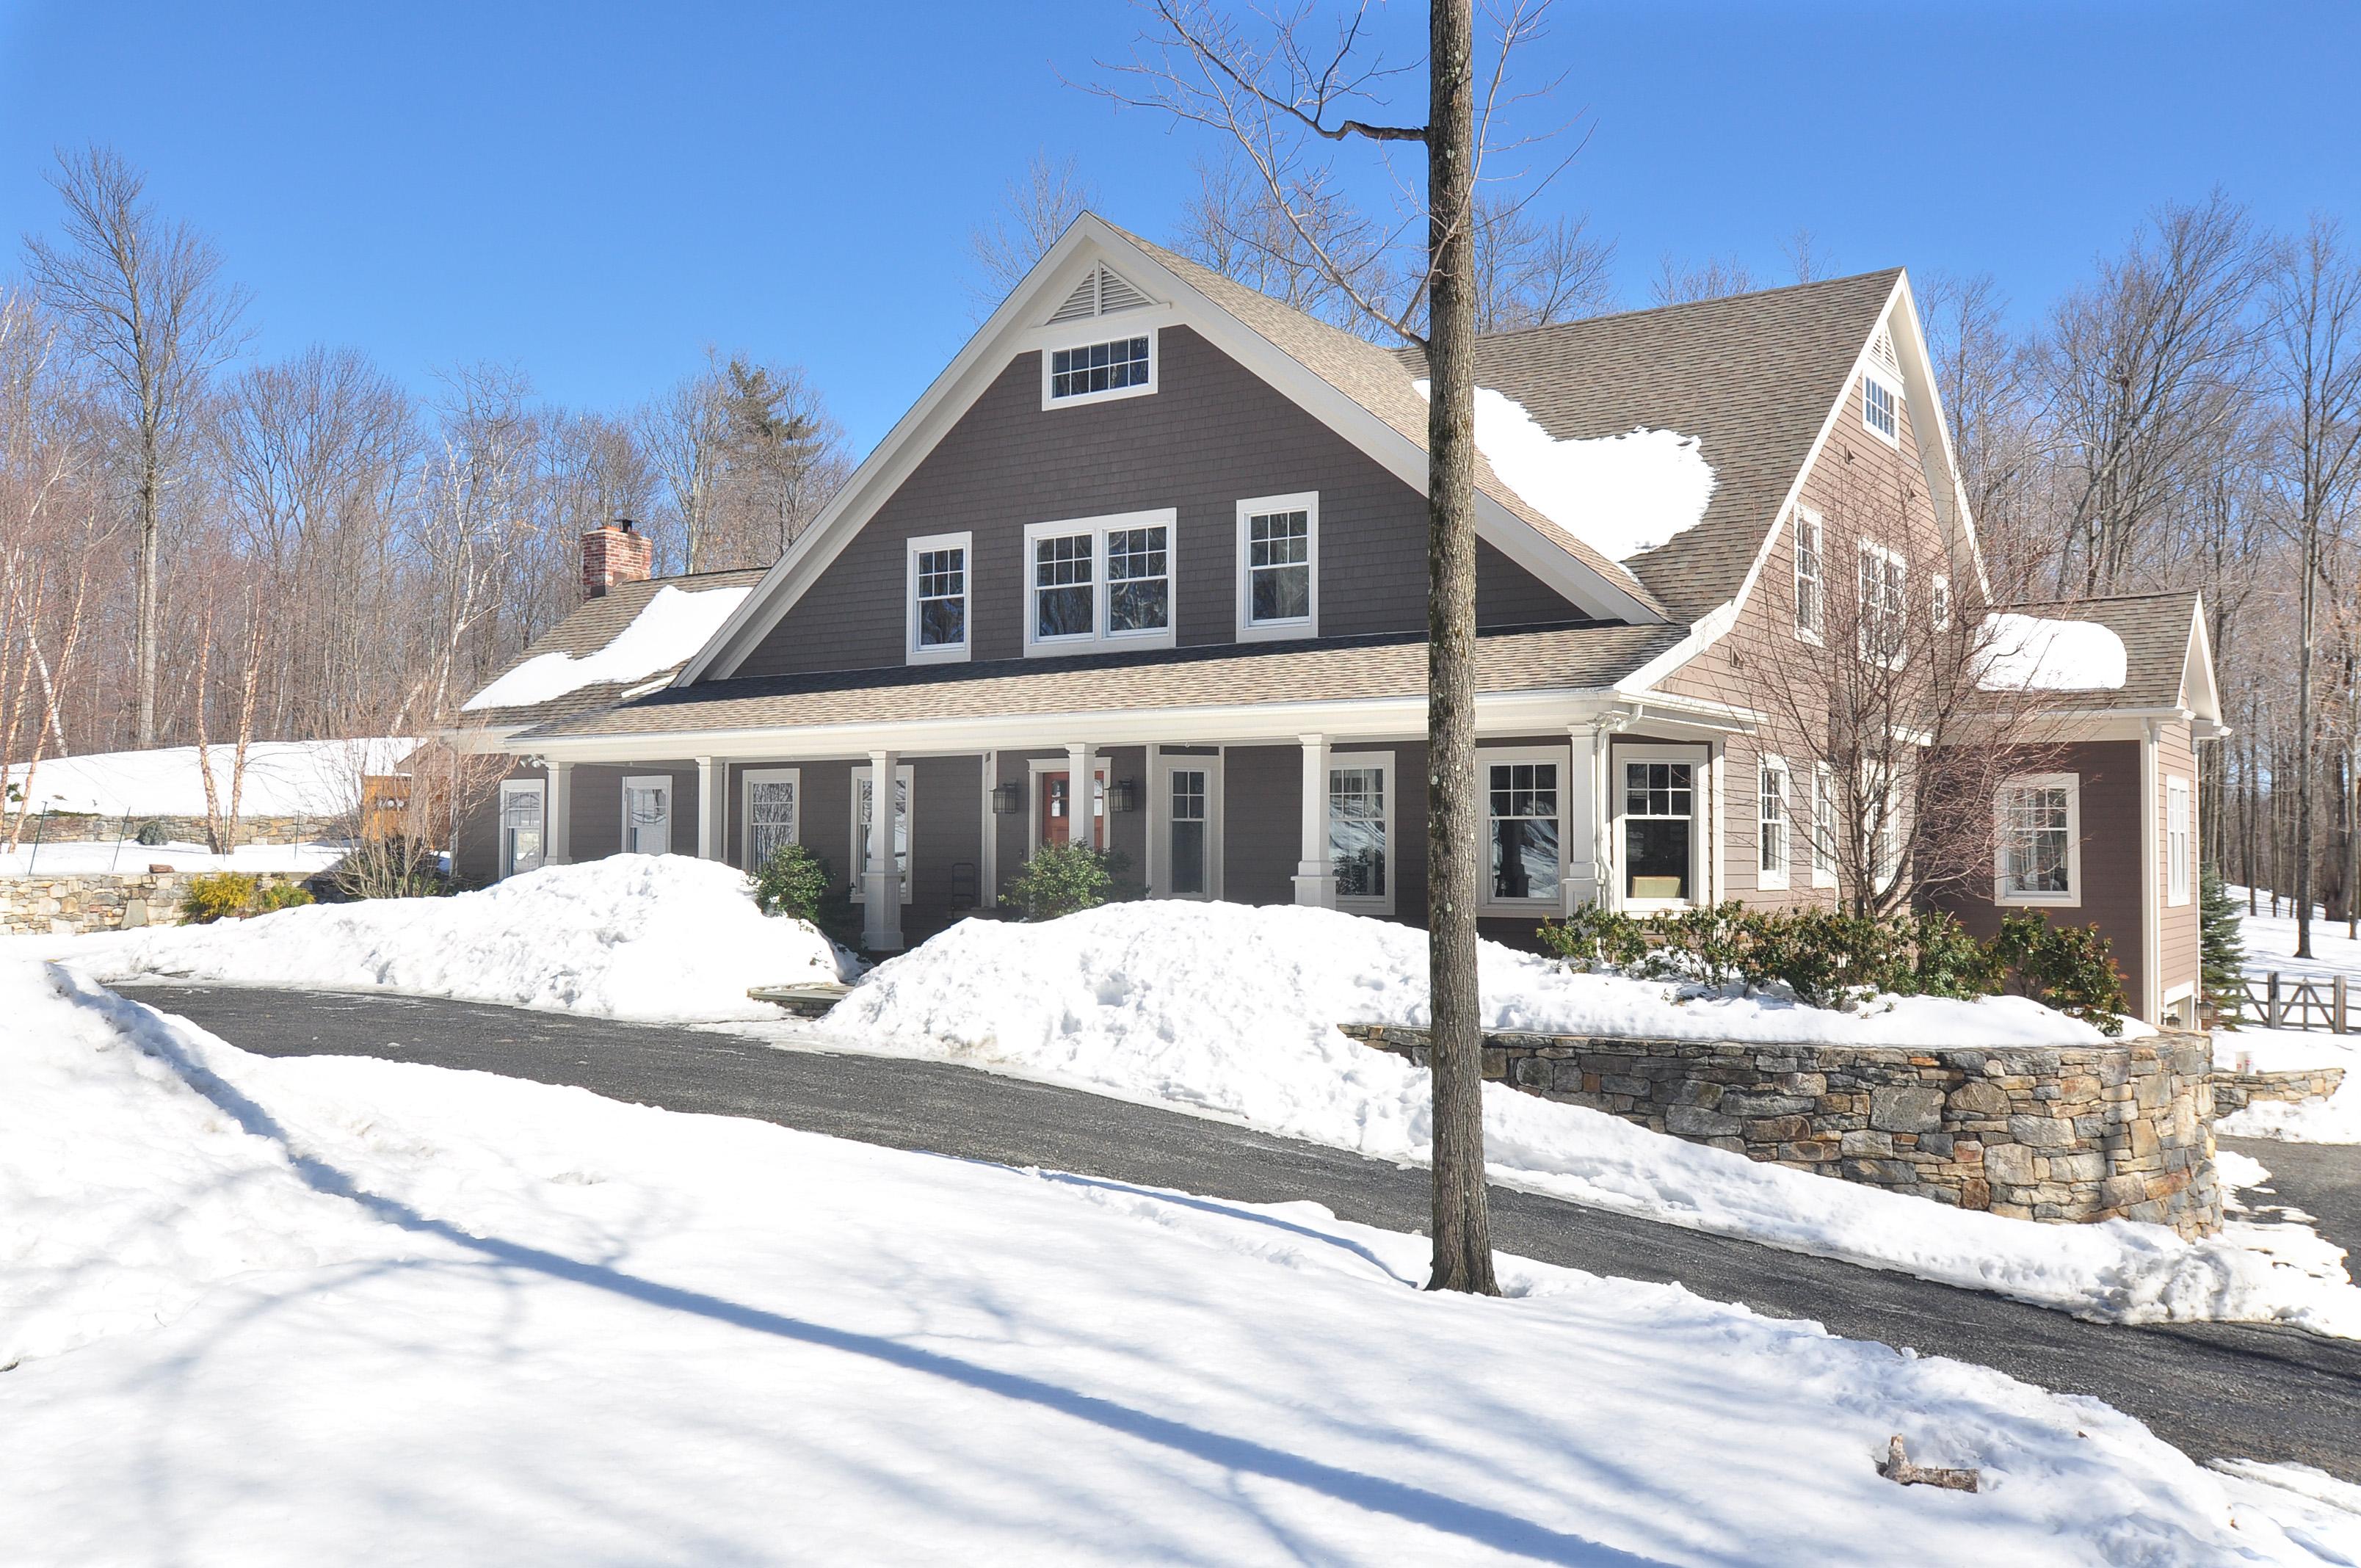 Maison unifamiliale pour l Vente à Spacious Egremont Contemporary 28 Ox Bow Rd Egremont, Massachusetts 01258 États-Unis